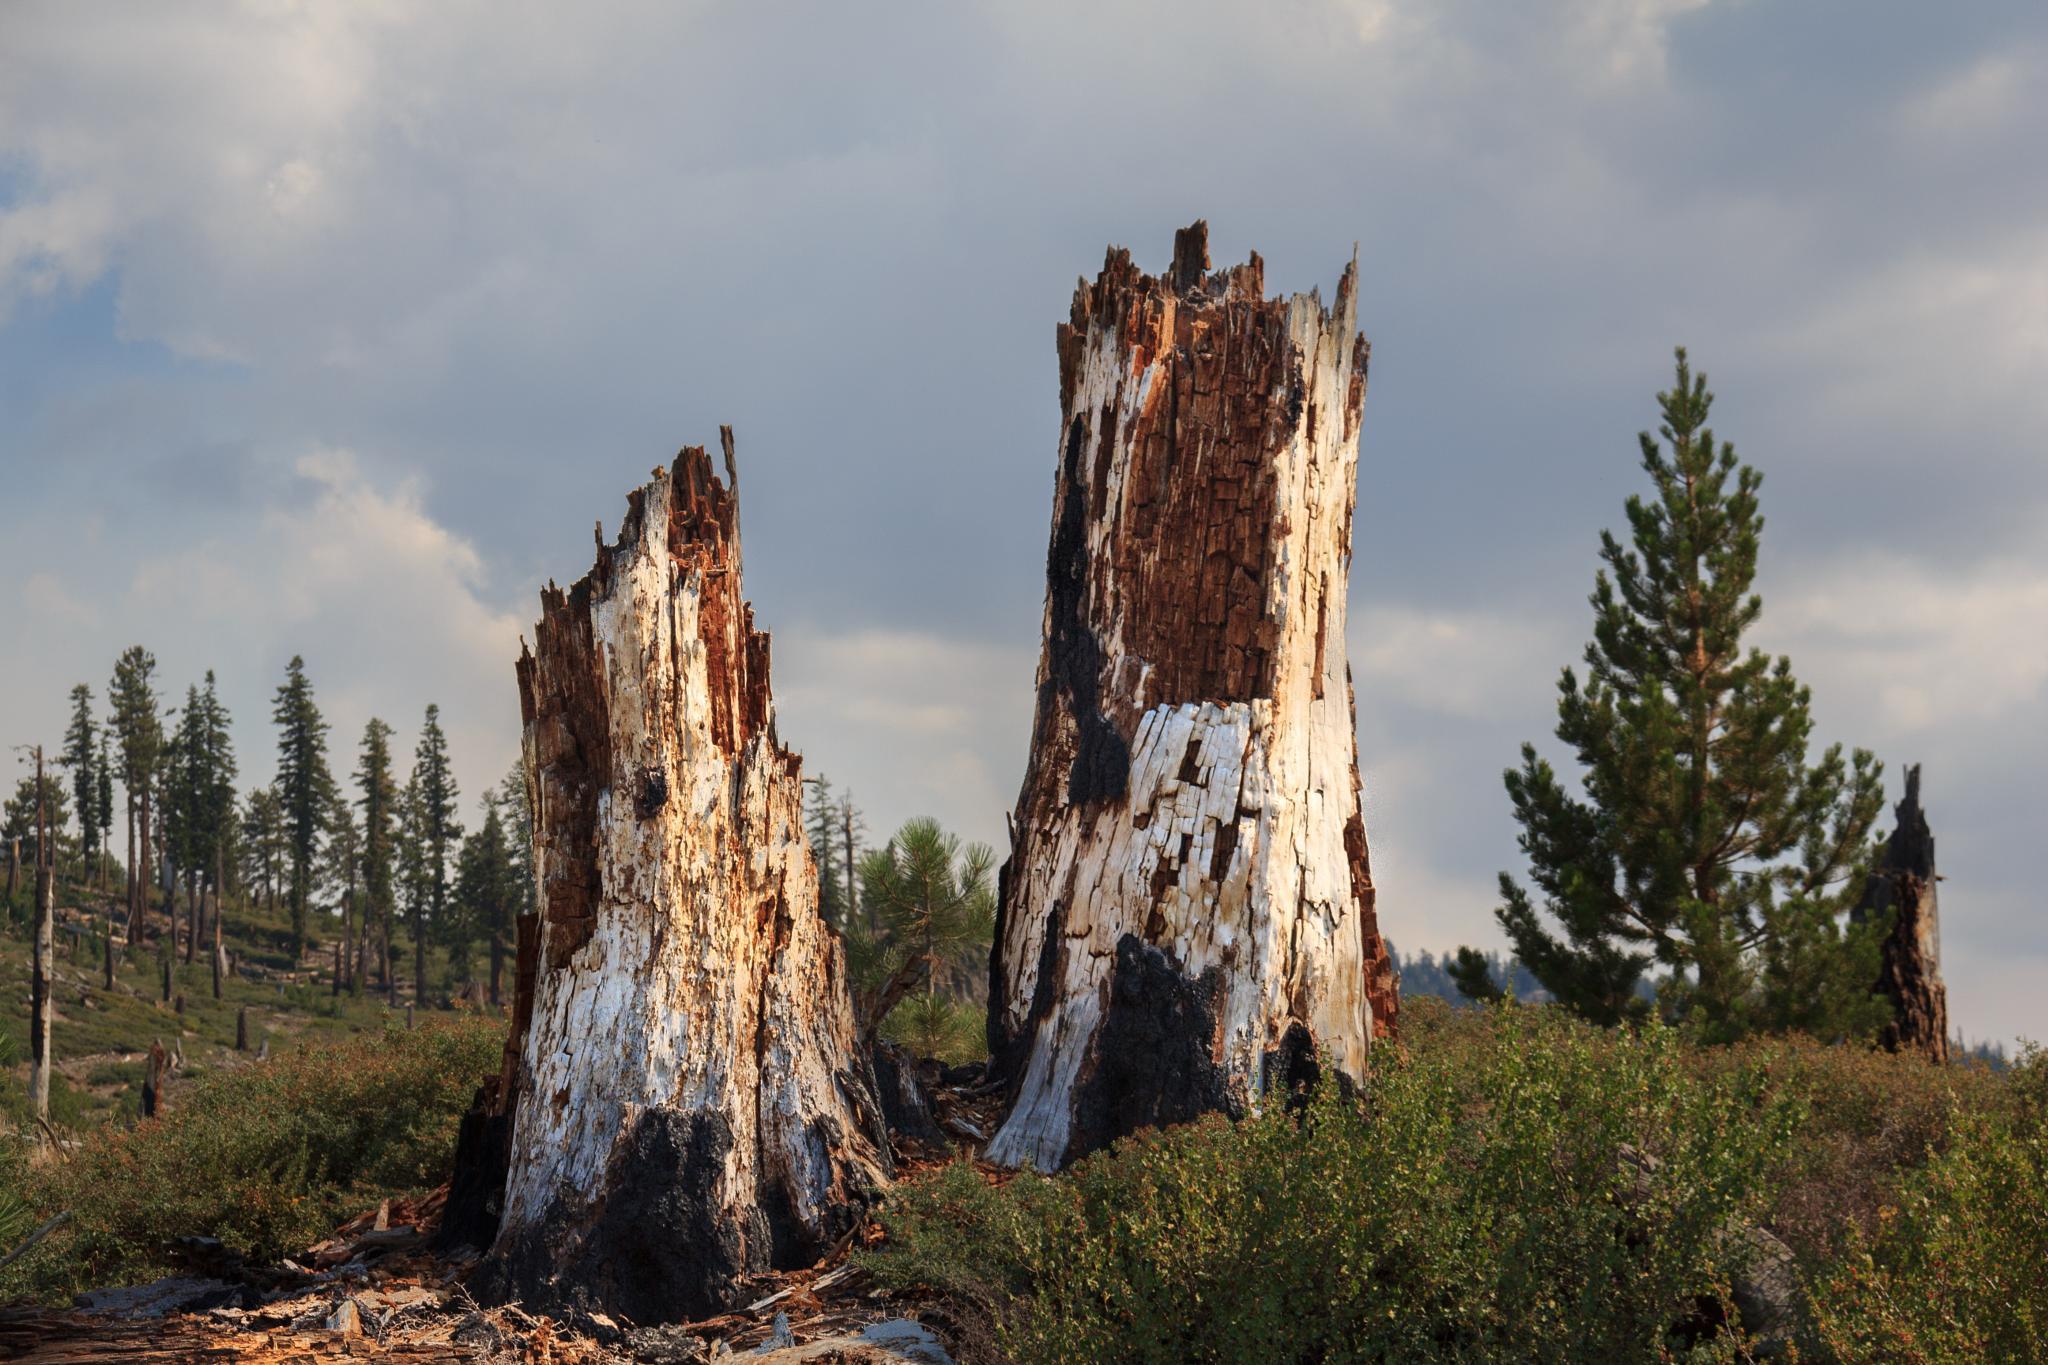 Dead trees by Liliana